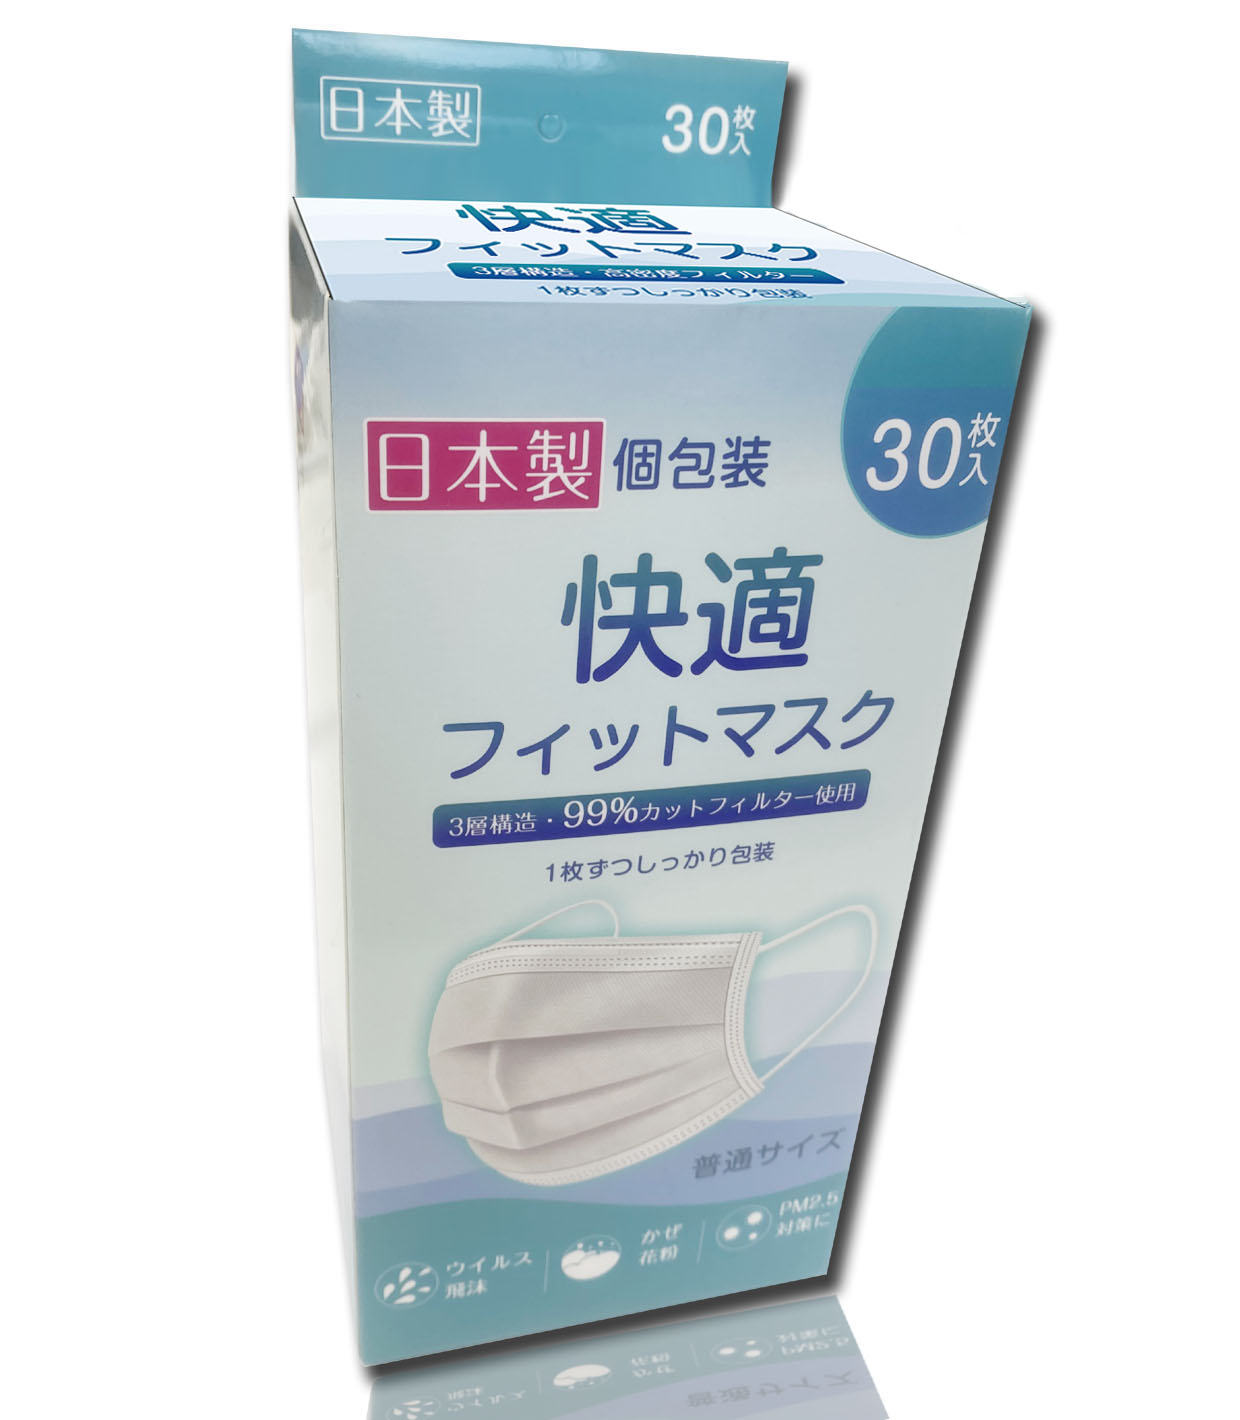 「日本製」「個包装」「送料無料」平ゴム採用 30枚入 三層構造快適フィットマスク 不織布マスク